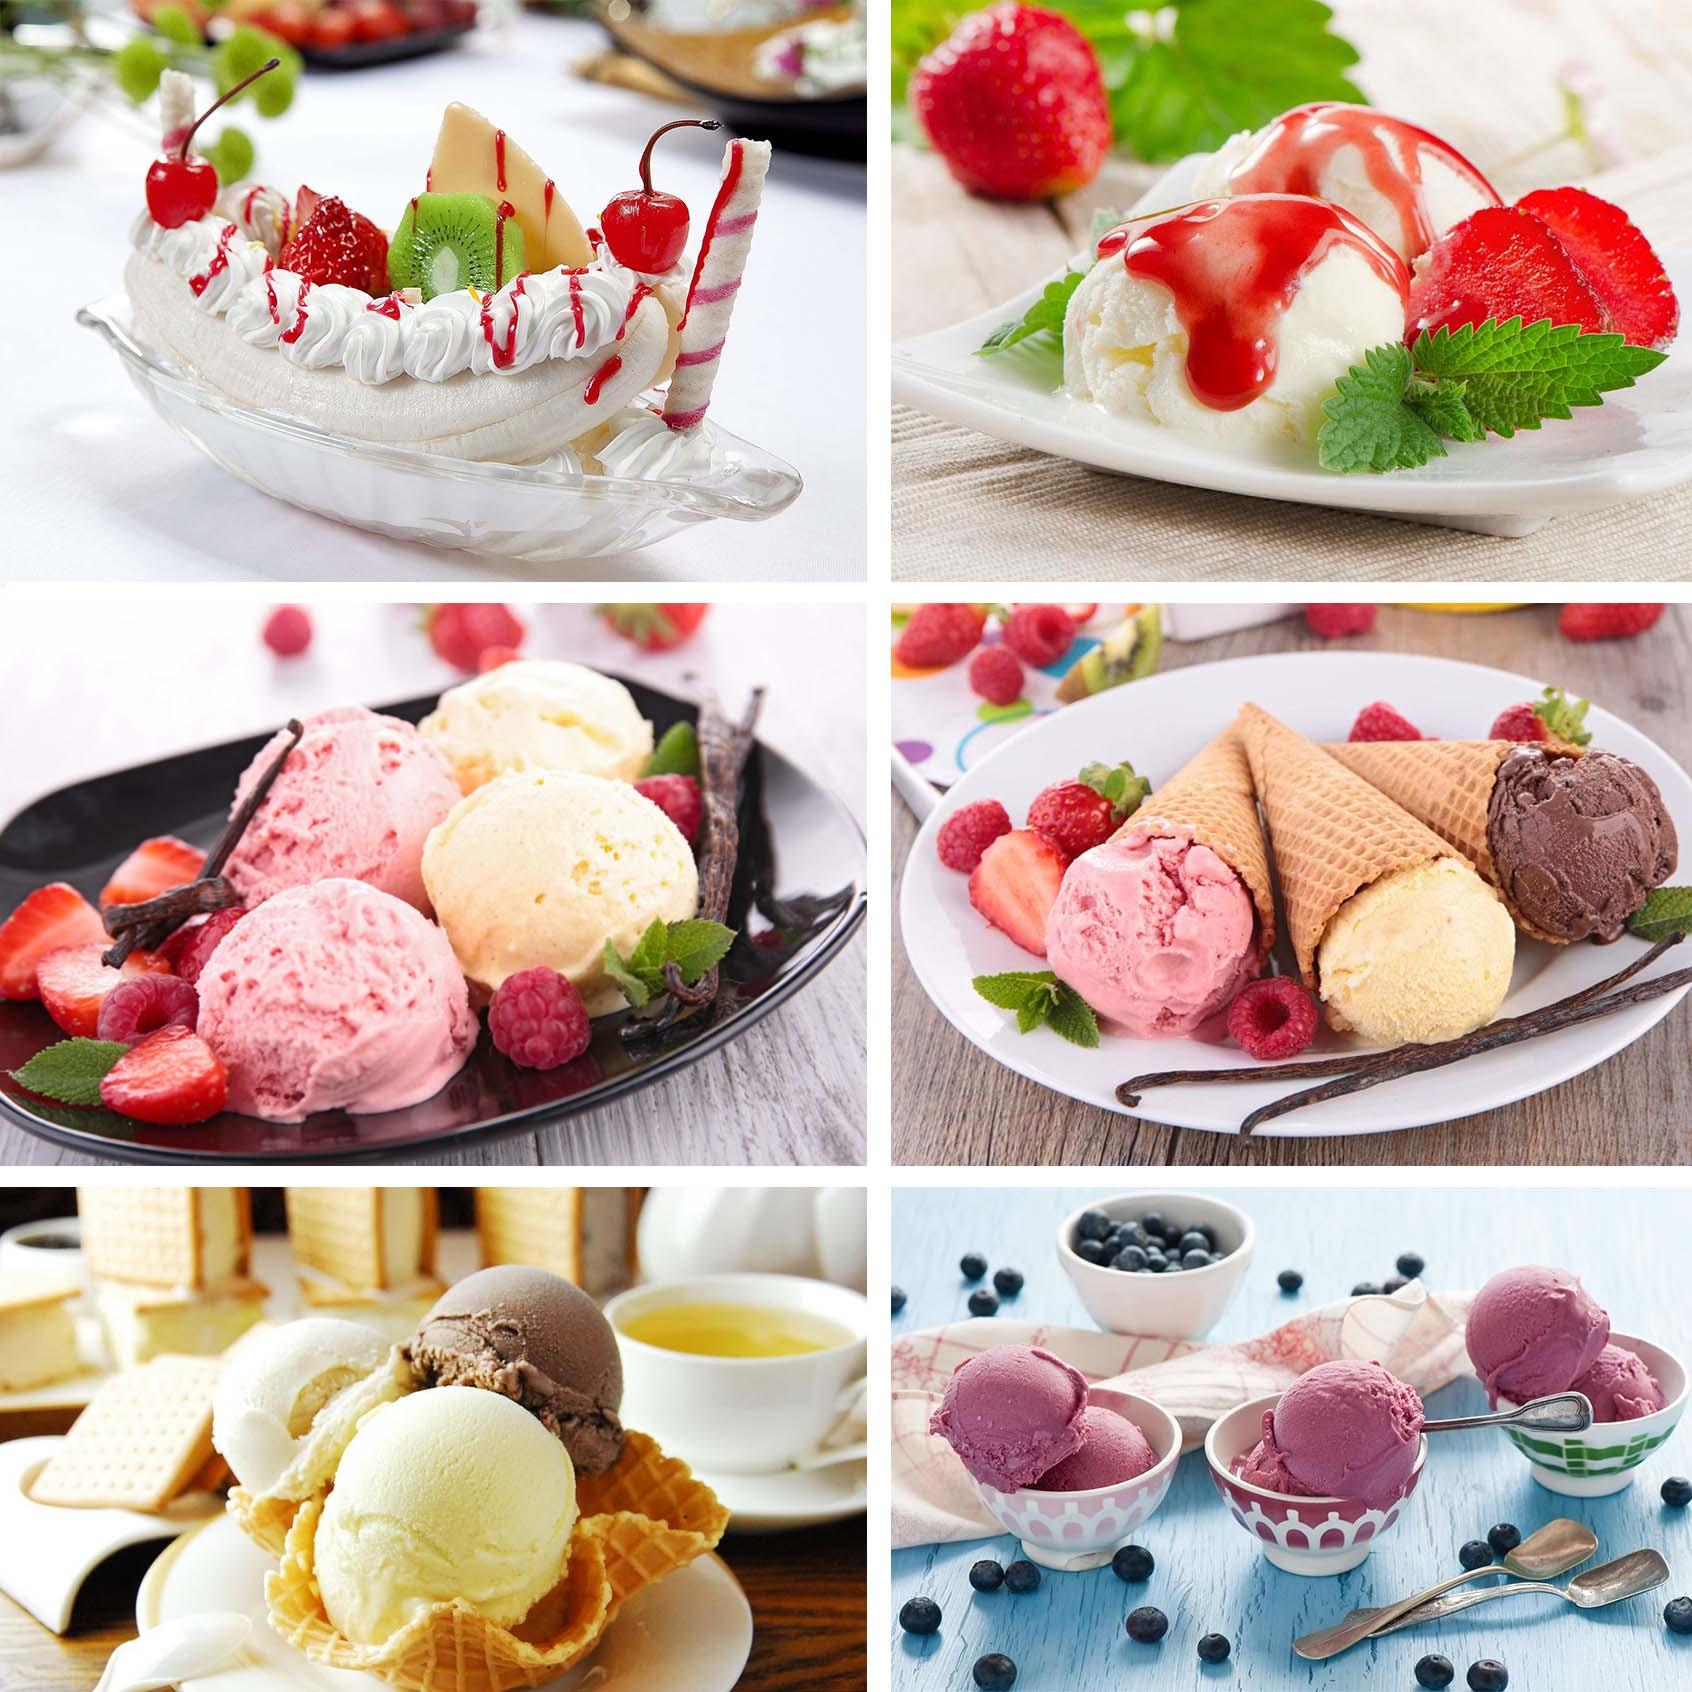 武汉佳肴汇冰淇淋培训班,武昌哪里可以学冰淇淋